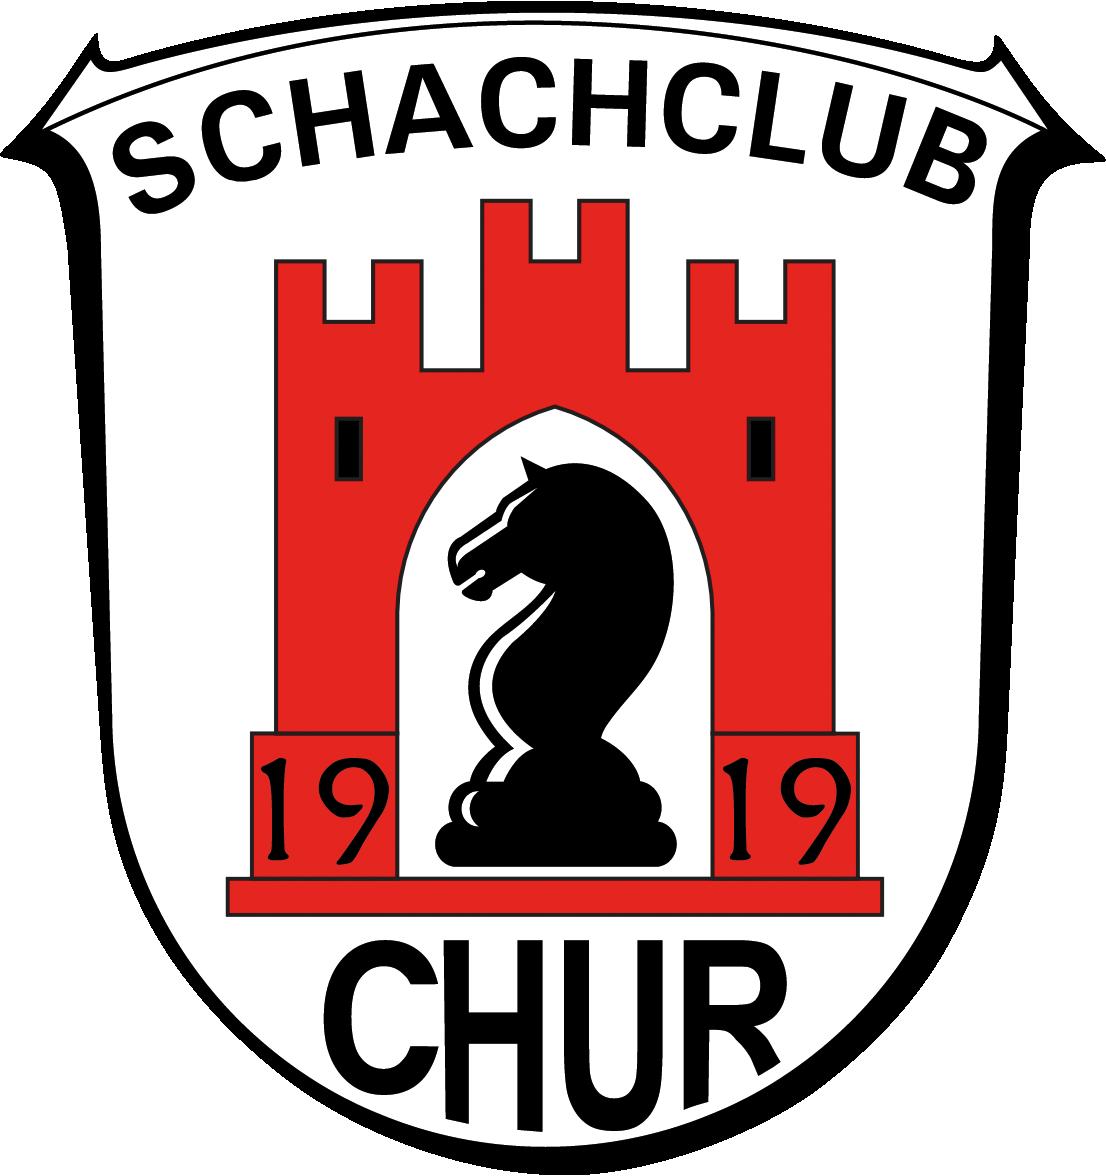 Schachclub Chur